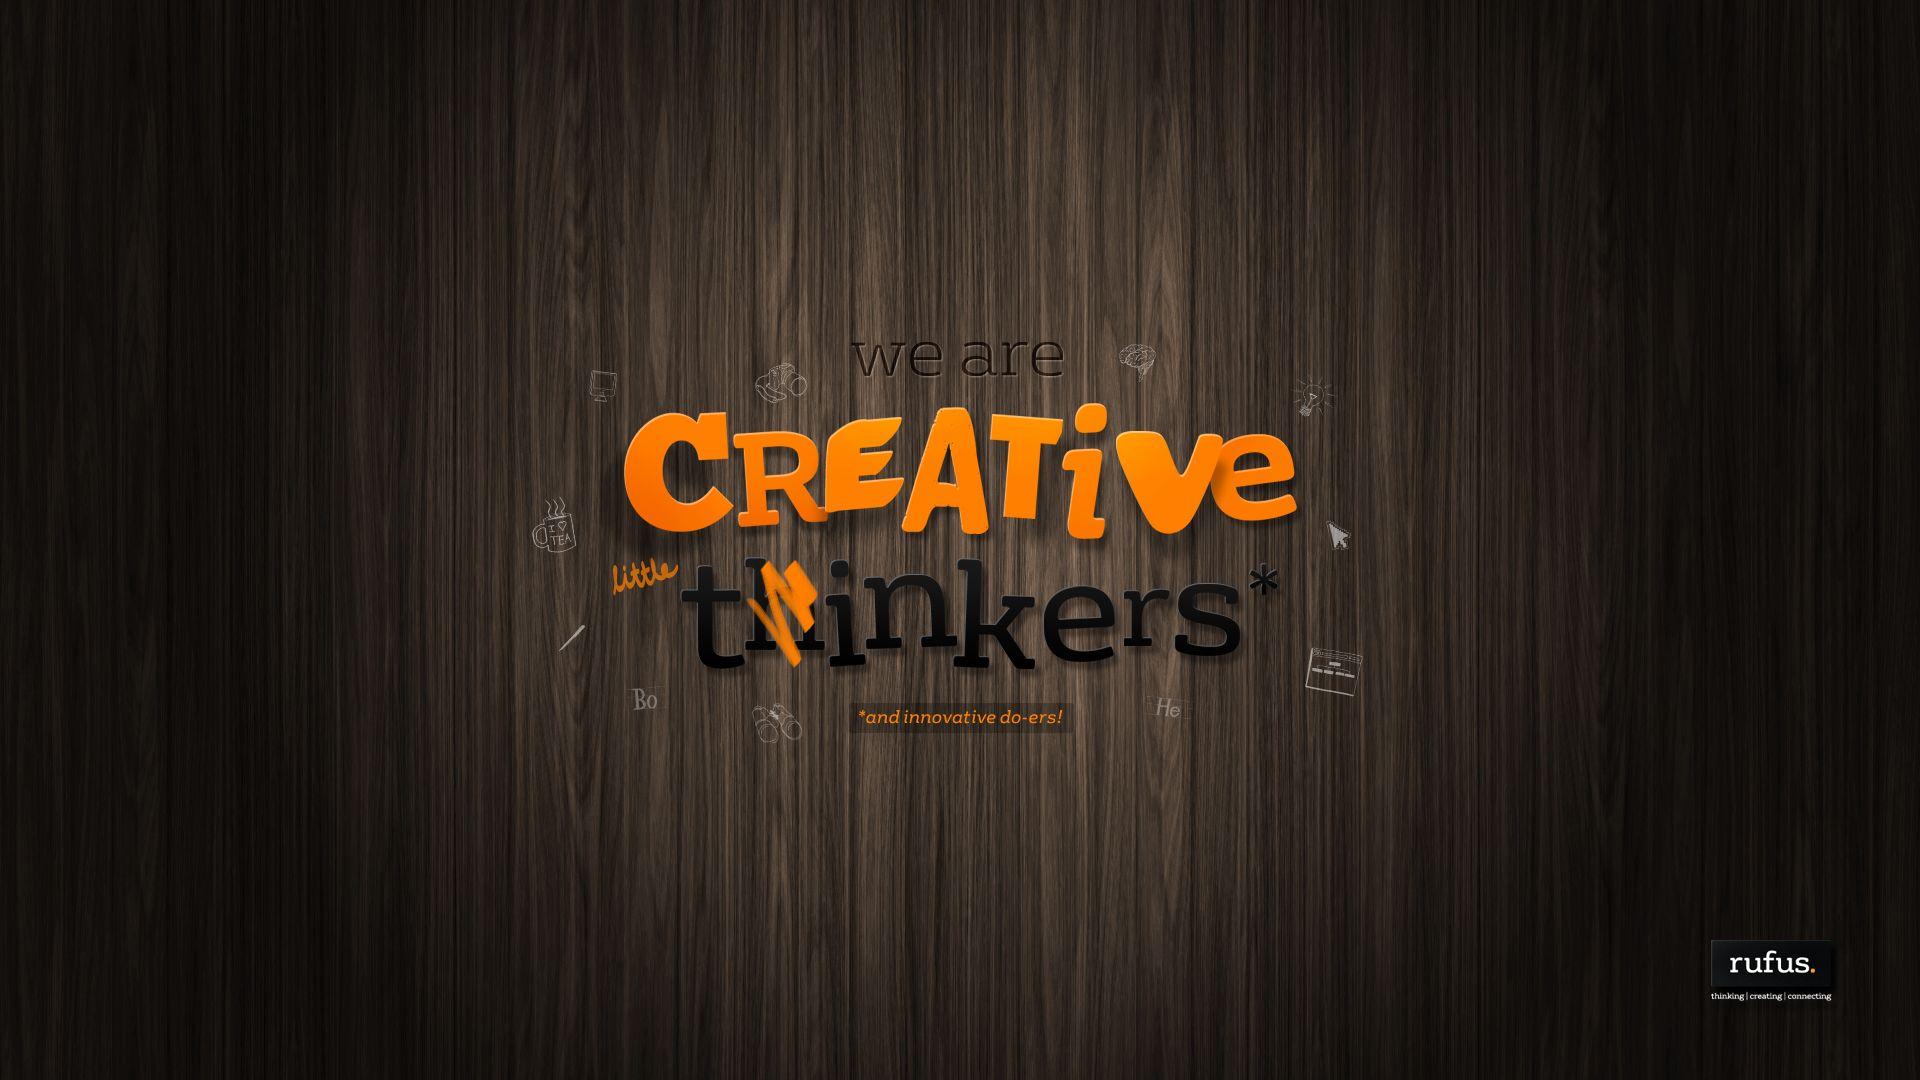 Creative Wallpapers Creative Desktop Wallpaper 417782 Creative Desktop Wallpaper Typography Wallpaper Desktop Creative Desktop